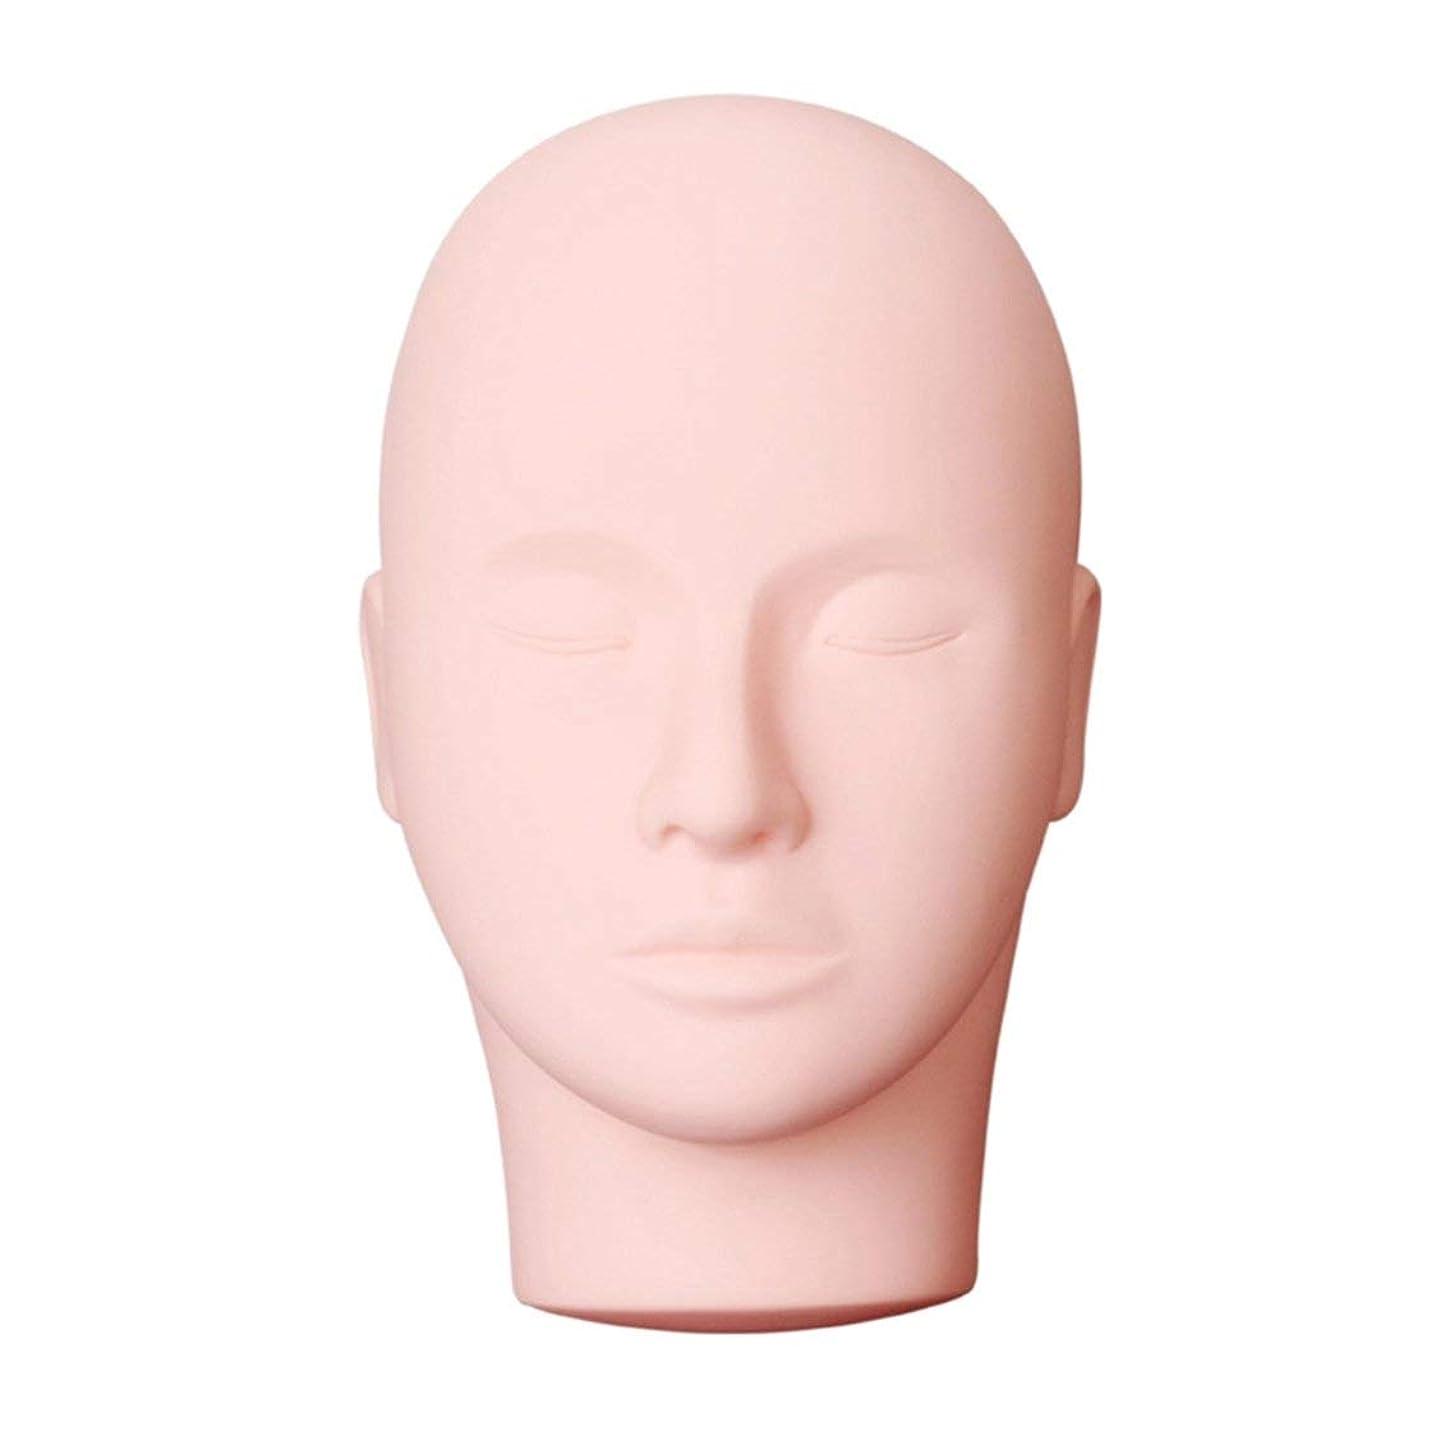 魅力ベリー酸化する美容メイクアップまつげ練習マネキンプロマッサージ化粧トレーニング美容マネキン人形顔頭モデル (色:黒)(Rustle666)